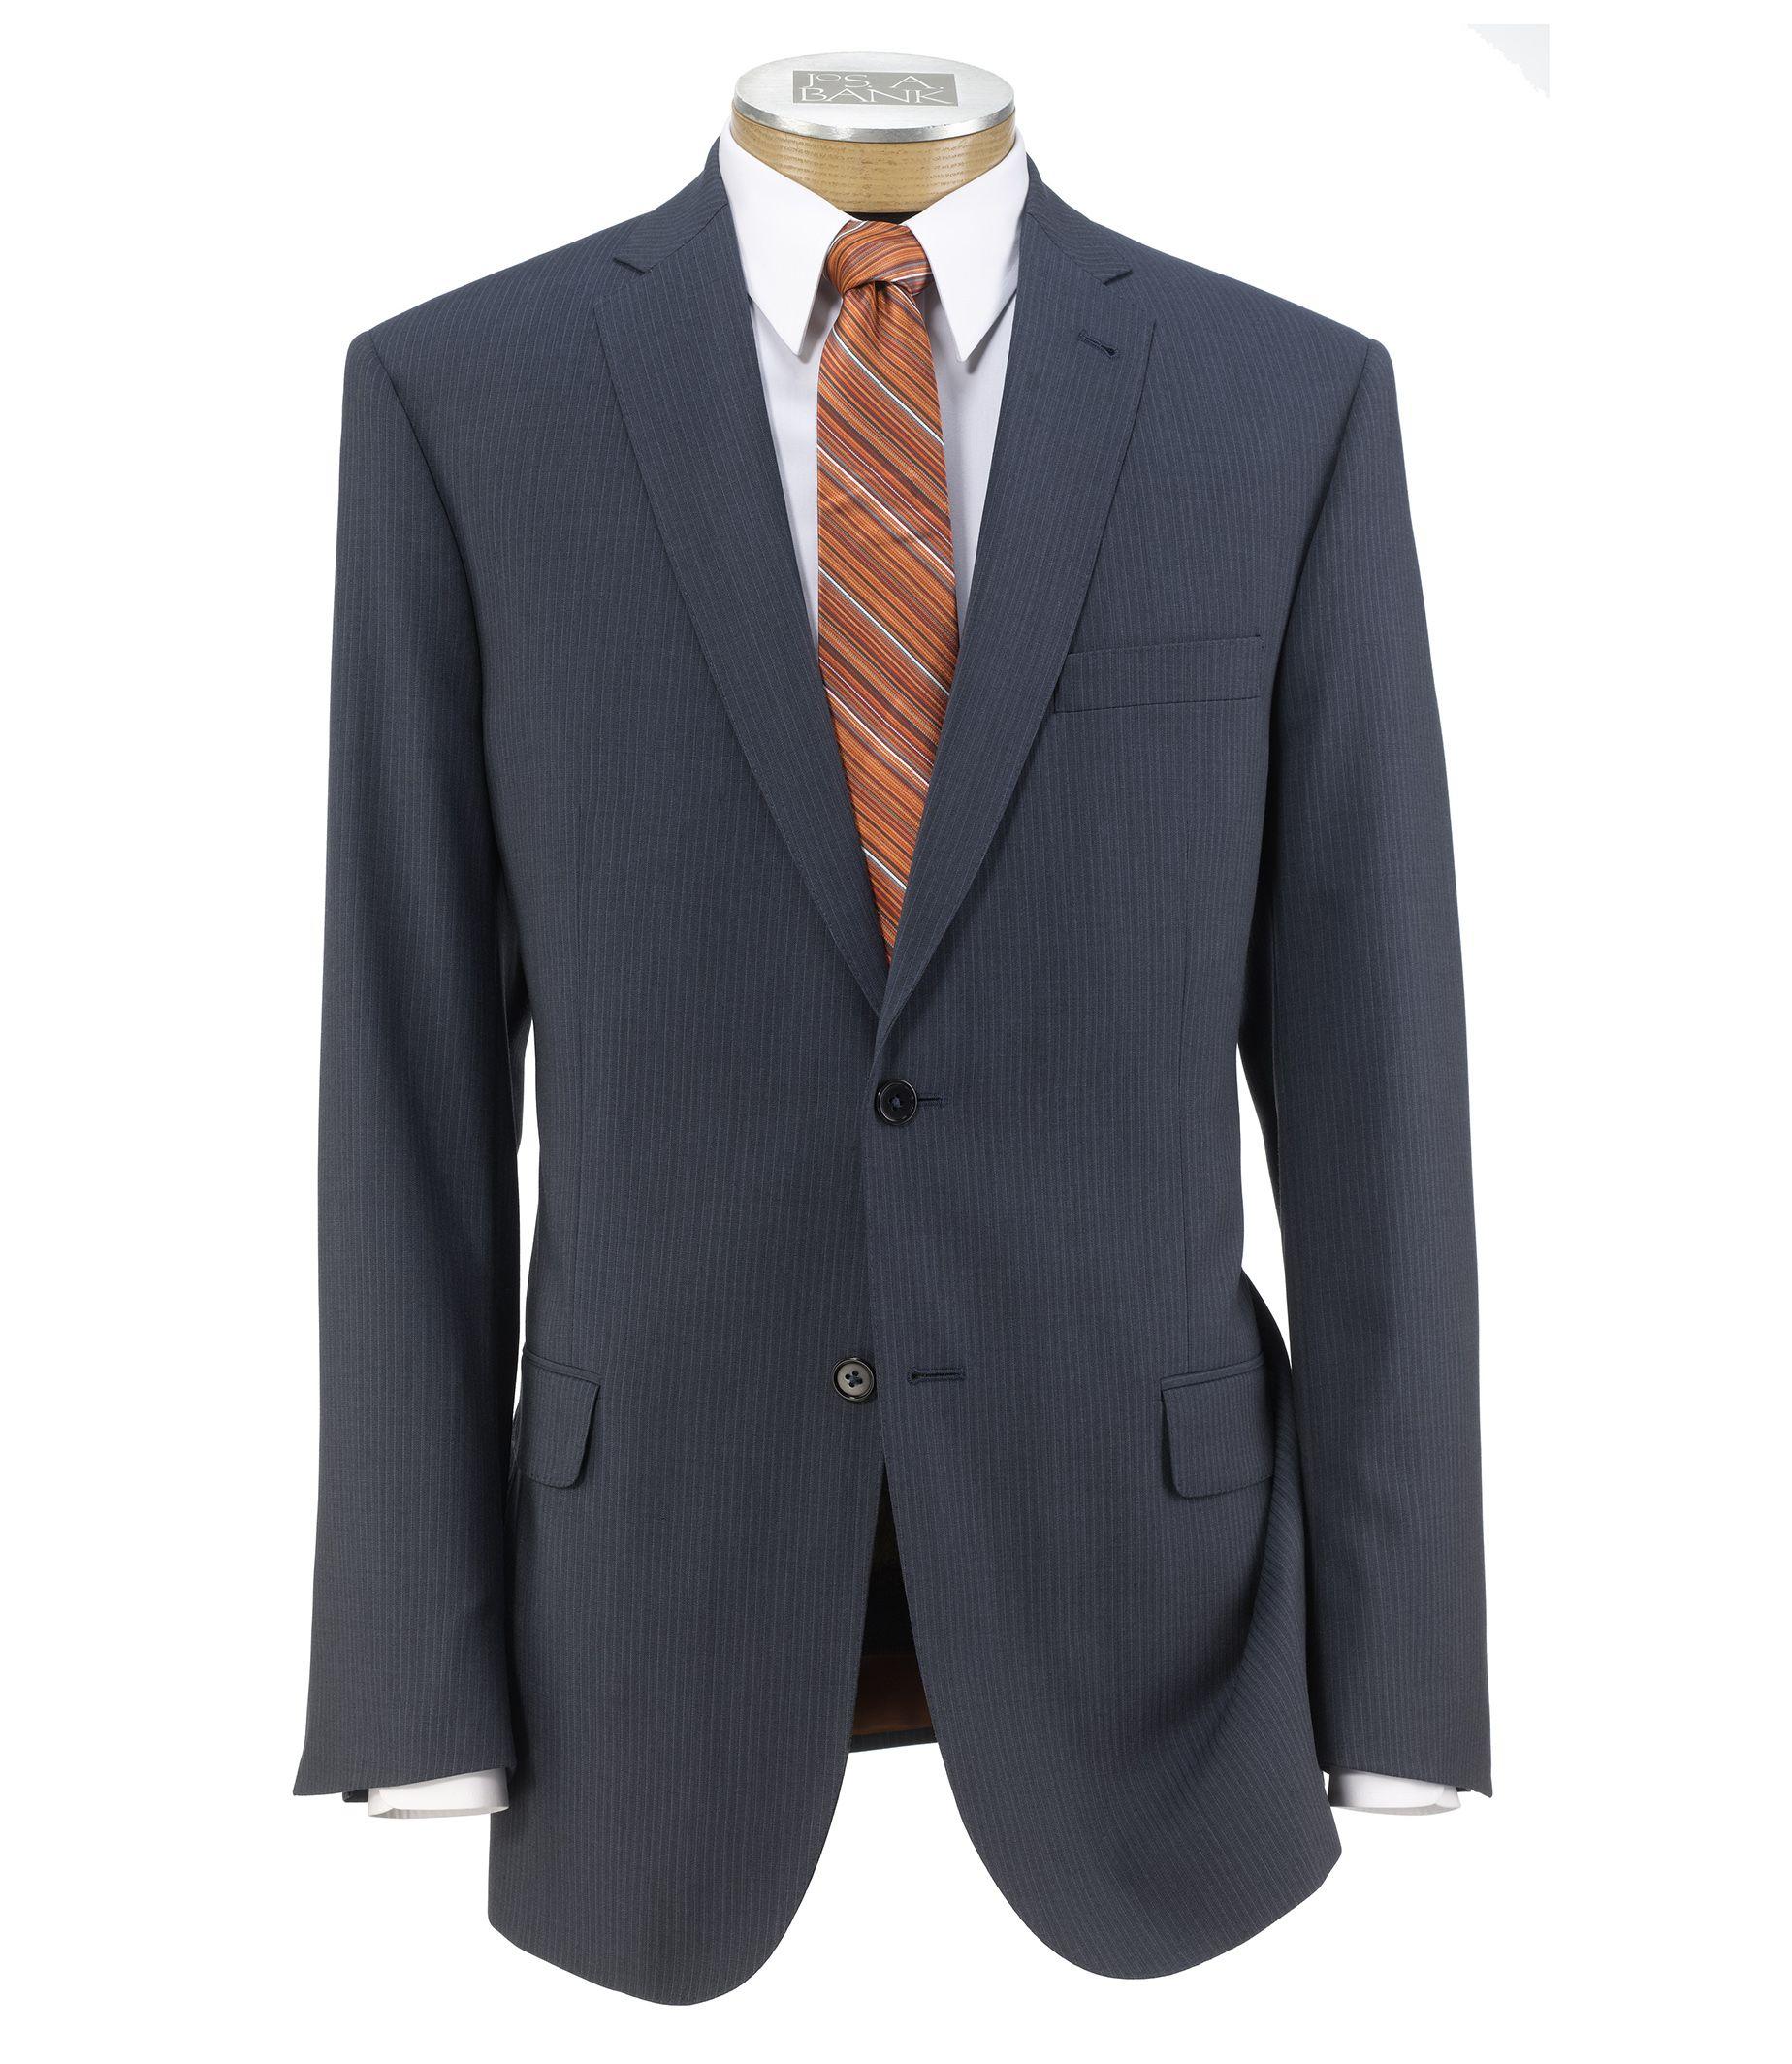 Joseph Slim Fit 2 Button Plain Front Wool Suit- Mid Blue Pindot Stripe